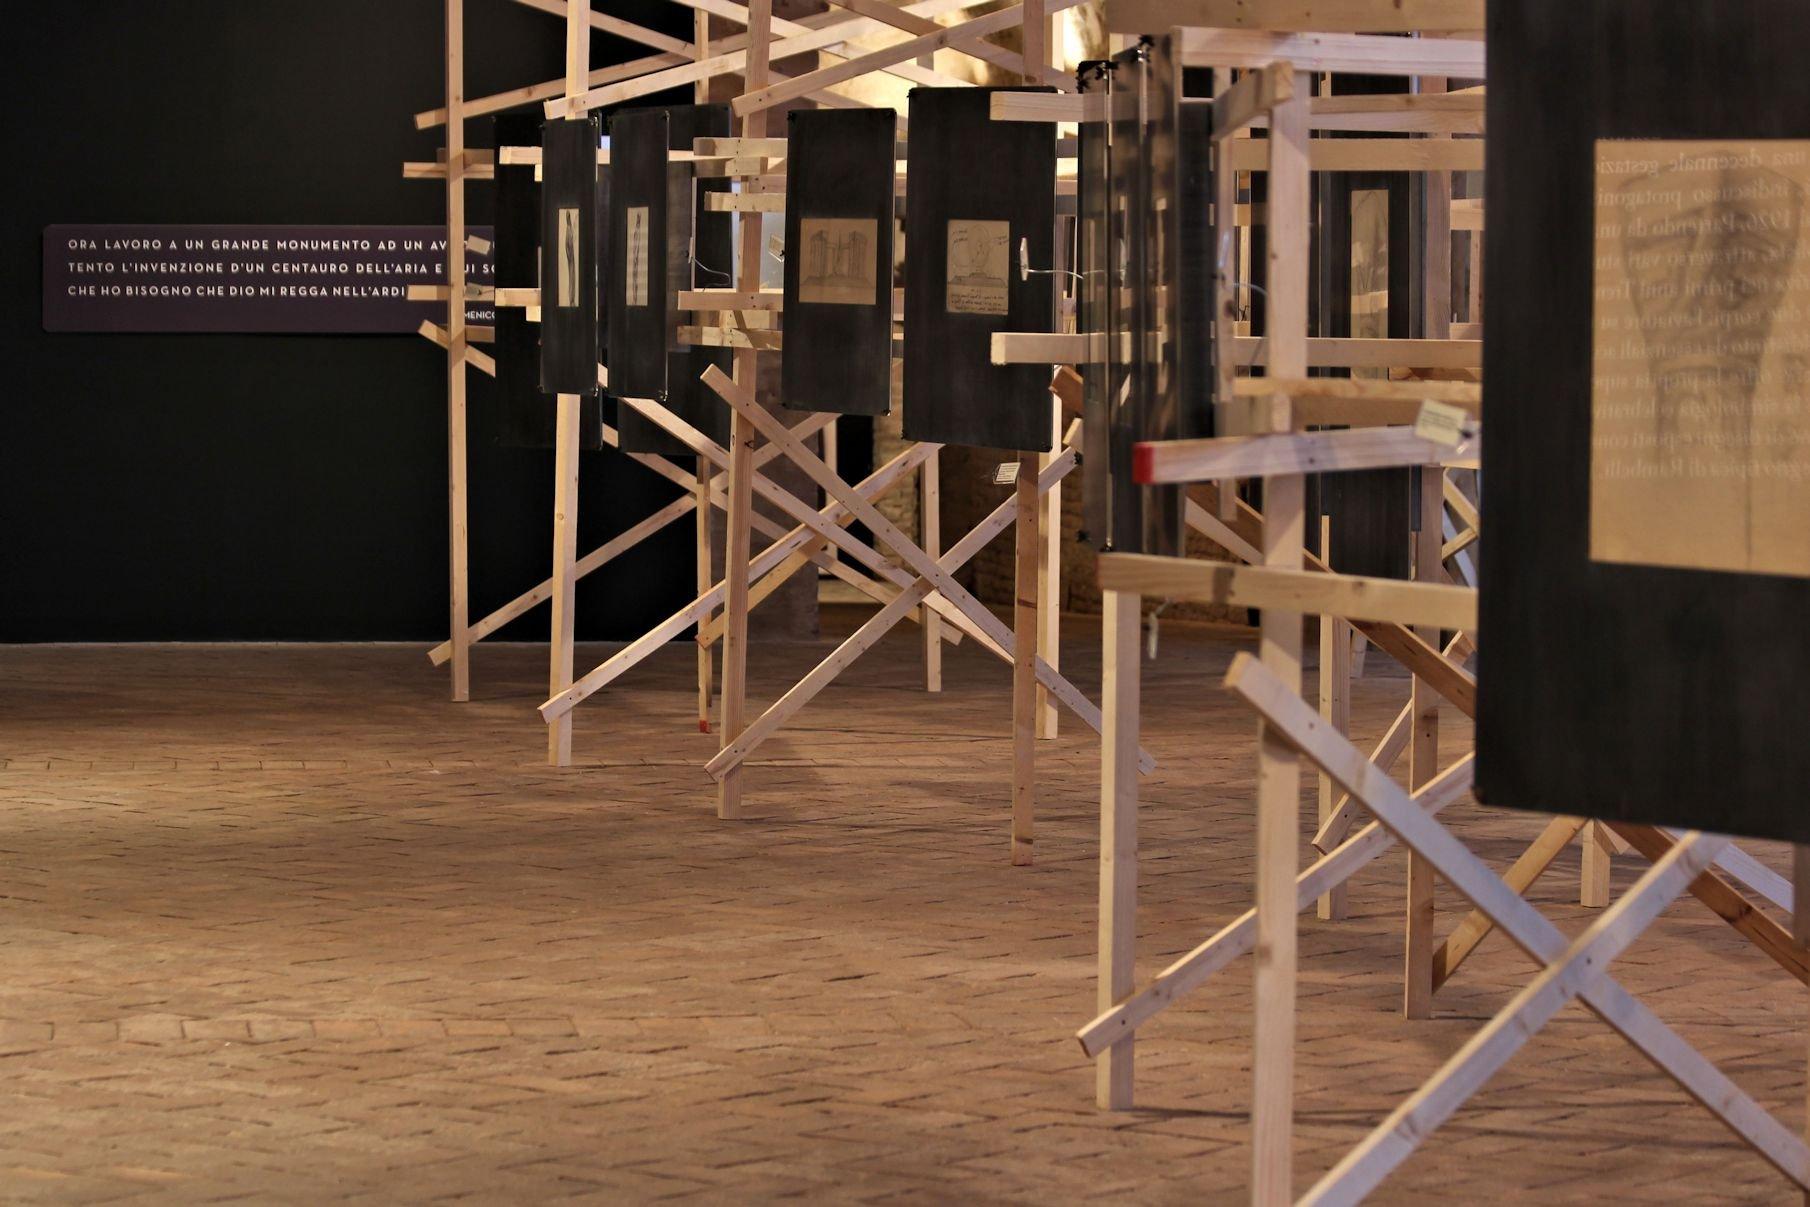 Domenico Rambelli. Installation view at Pescherie della Rocca, Lugo di Romagna 2017. Allestimento Claudio Ballestracci